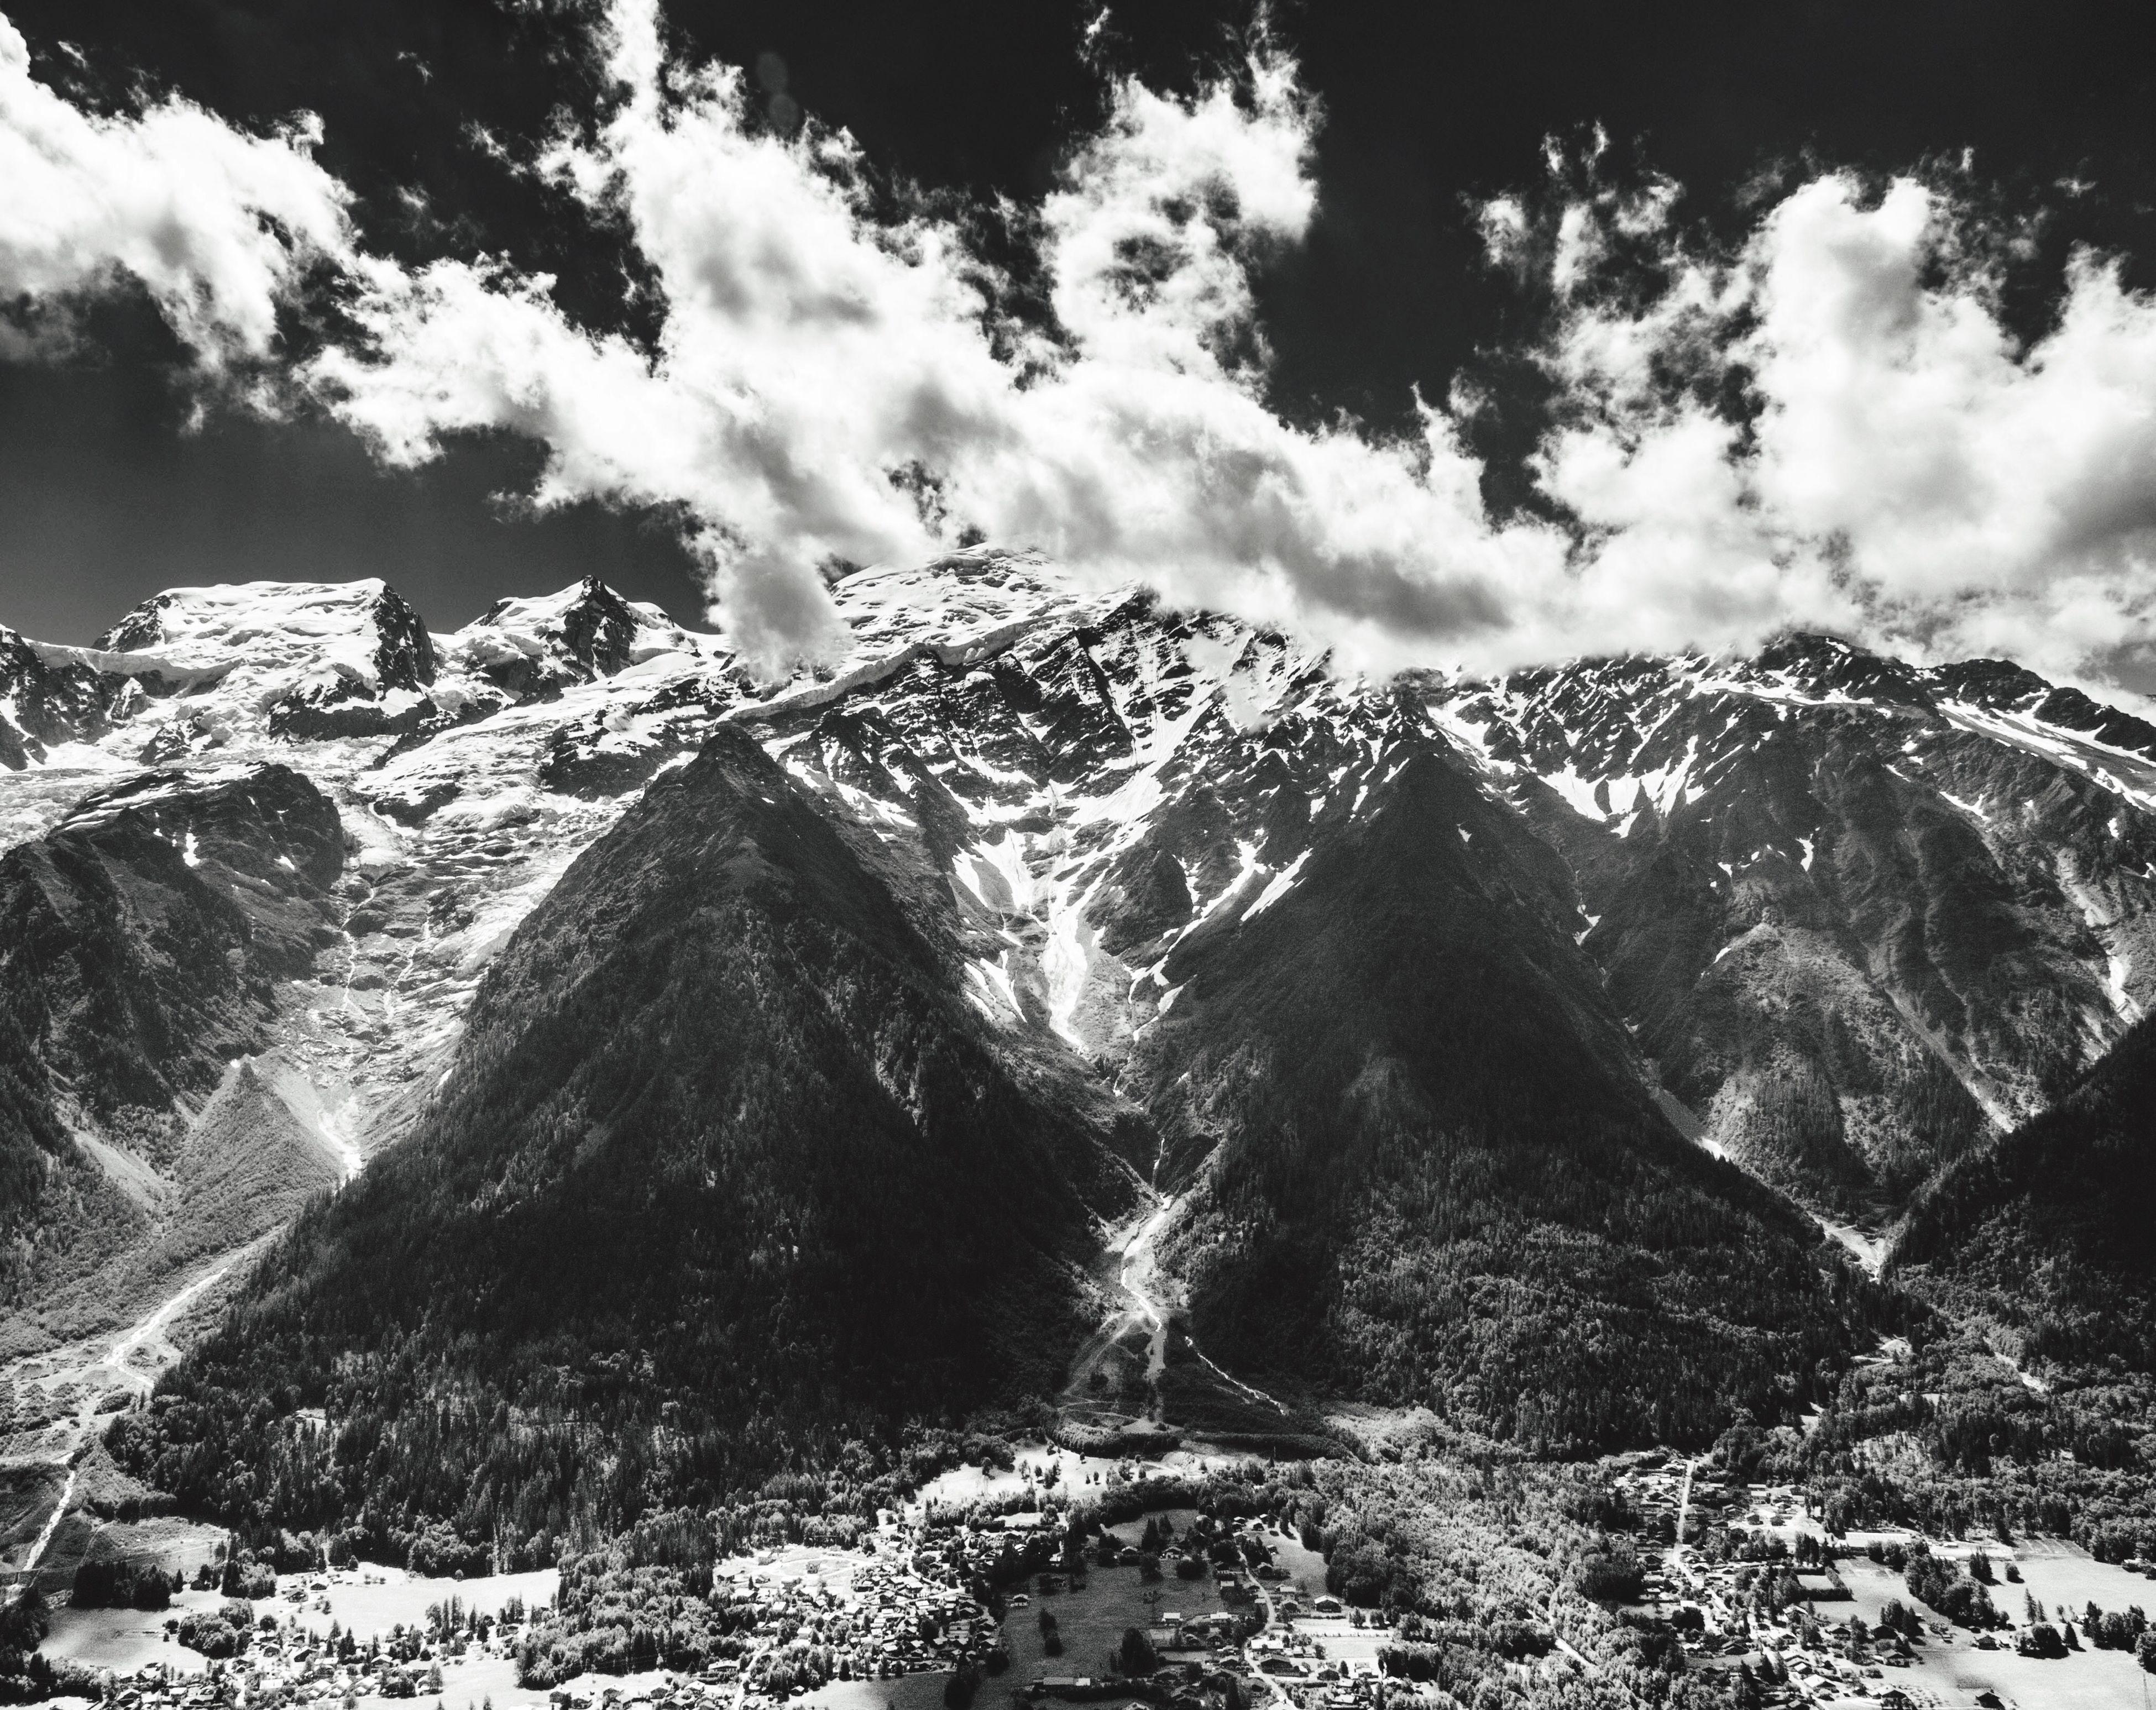 Cloudy White Mount Landscape Nature Mont Blanc Travel Wanderlust Black And White Noir Et Blanc Monochrome Wanderlust Ourdies